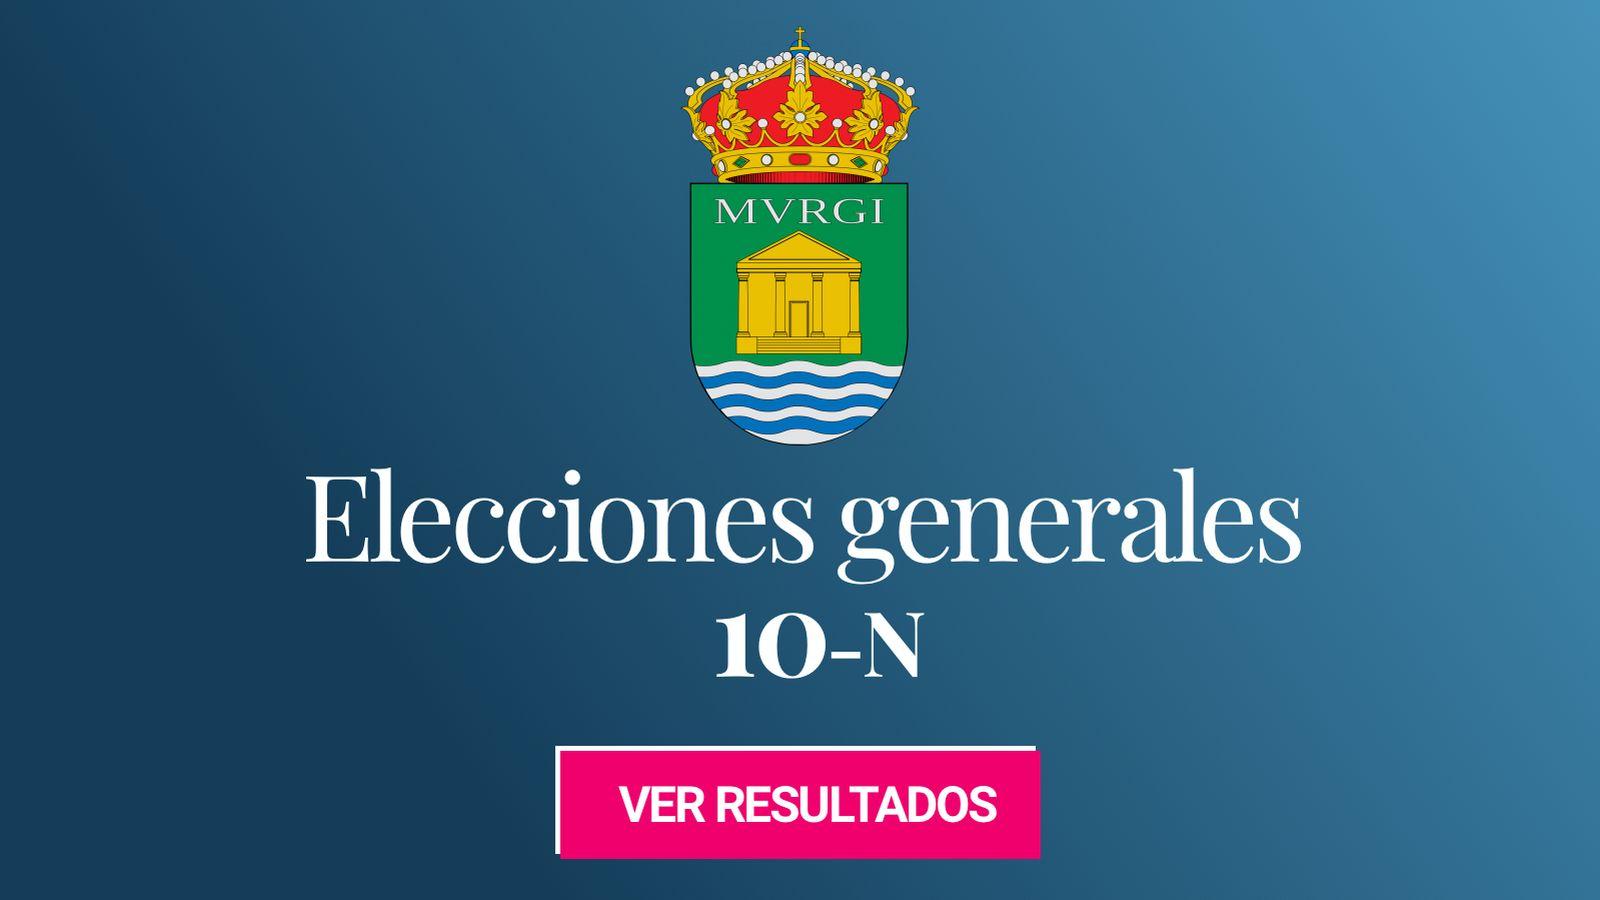 Foto: Elecciones generales 2019 en El Ejido. (C.C./EC)